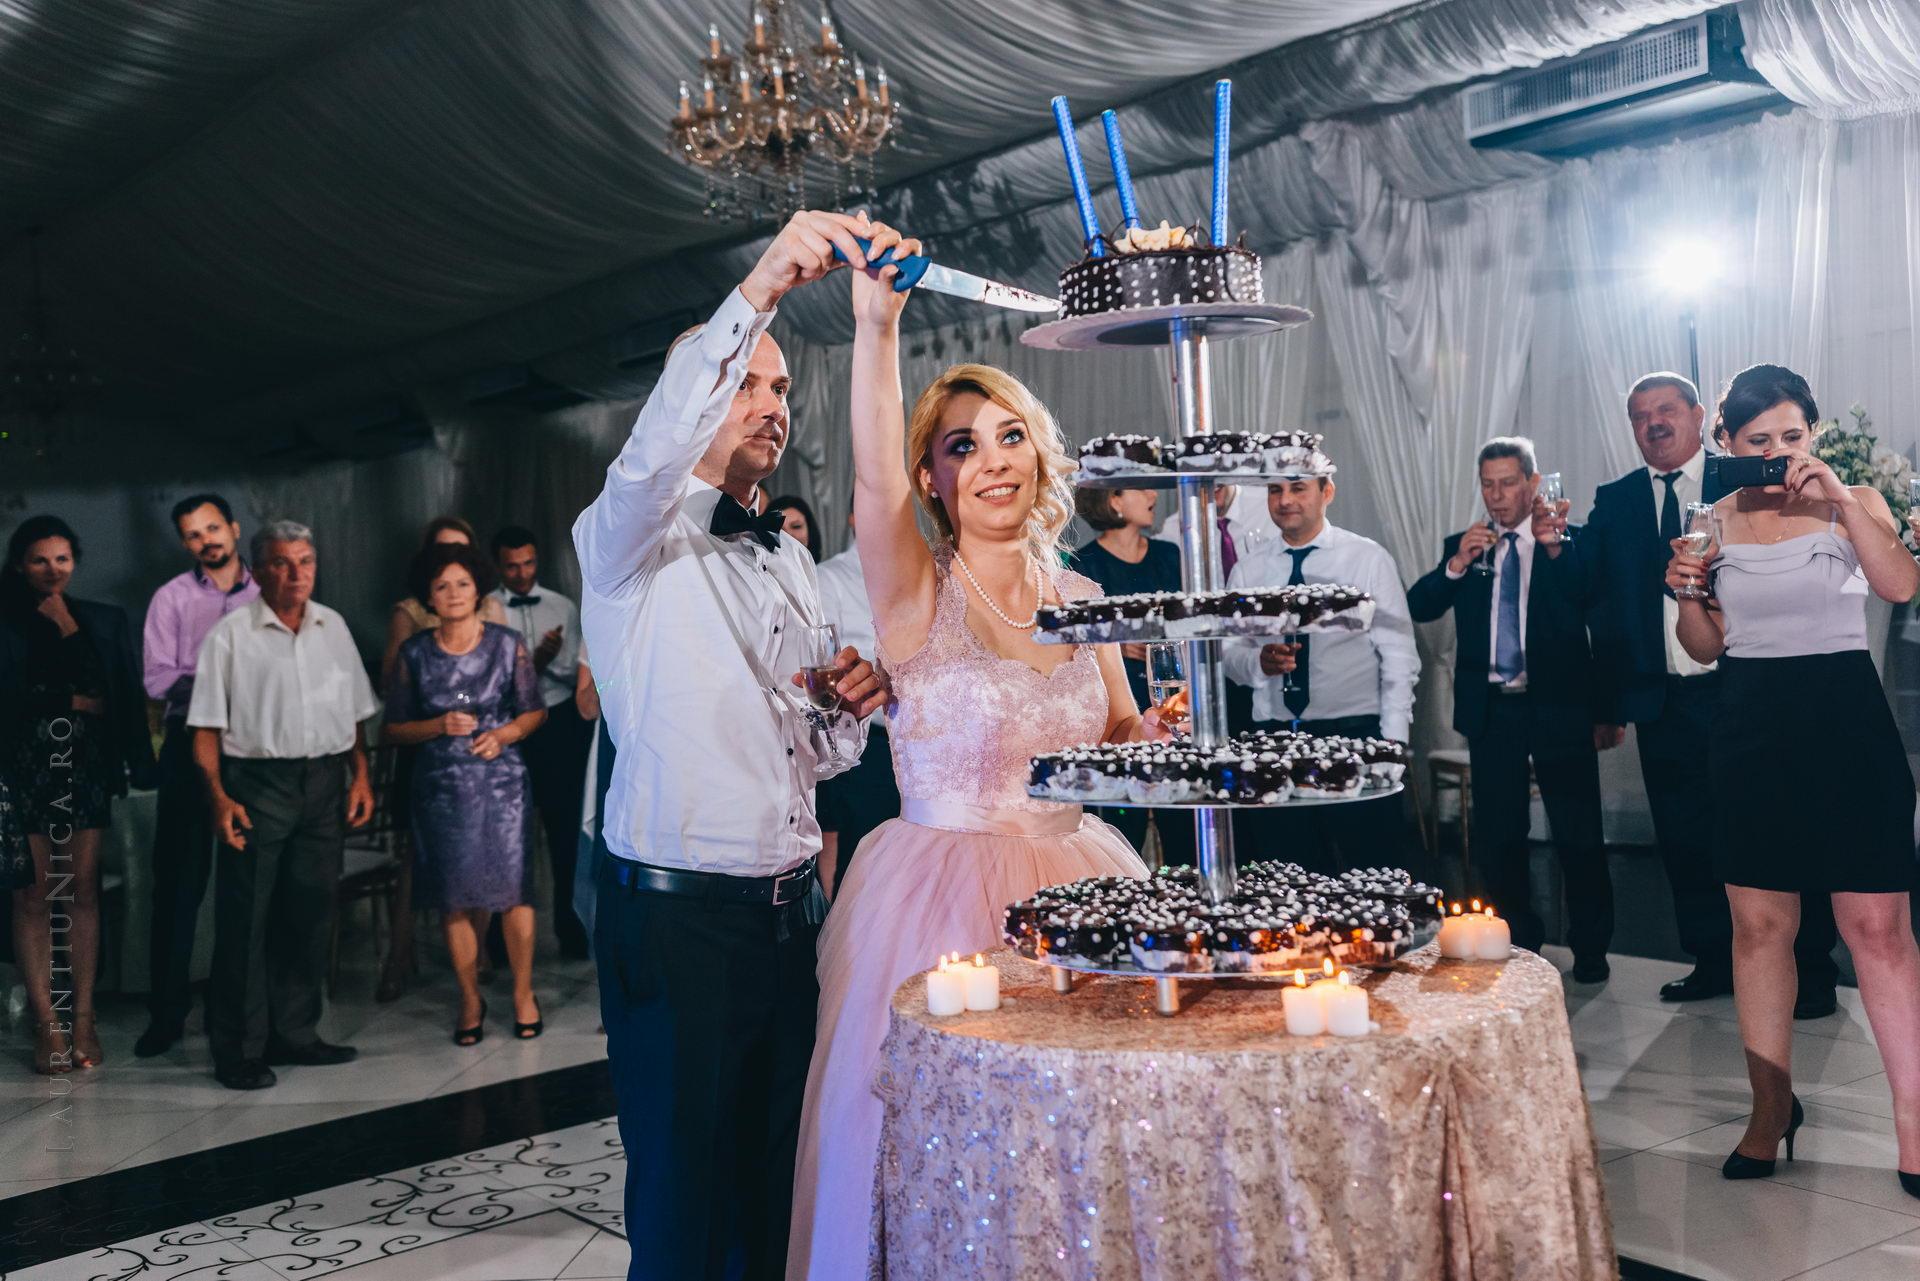 lavinia si adi fotograf laurentiu nica craiova 081 - Lavinia & Adi | Fotografii nunta